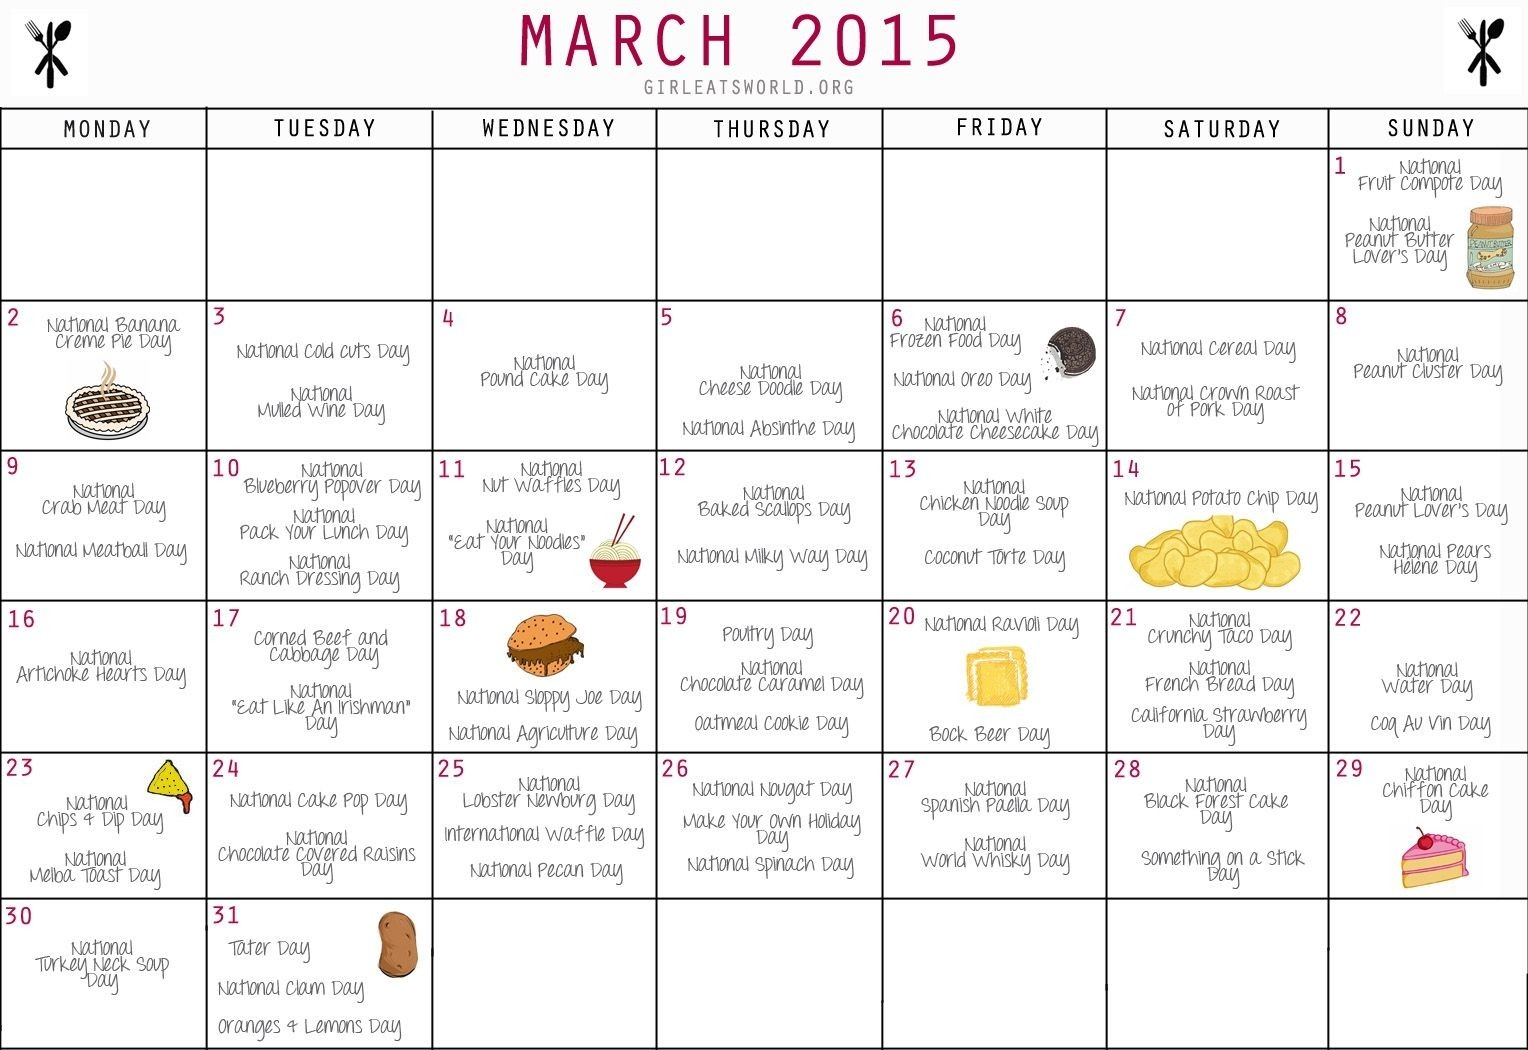 National Food Day Calendar Printable Printable Calendar 2018-Fun National Food Holidays 2020 Calendar